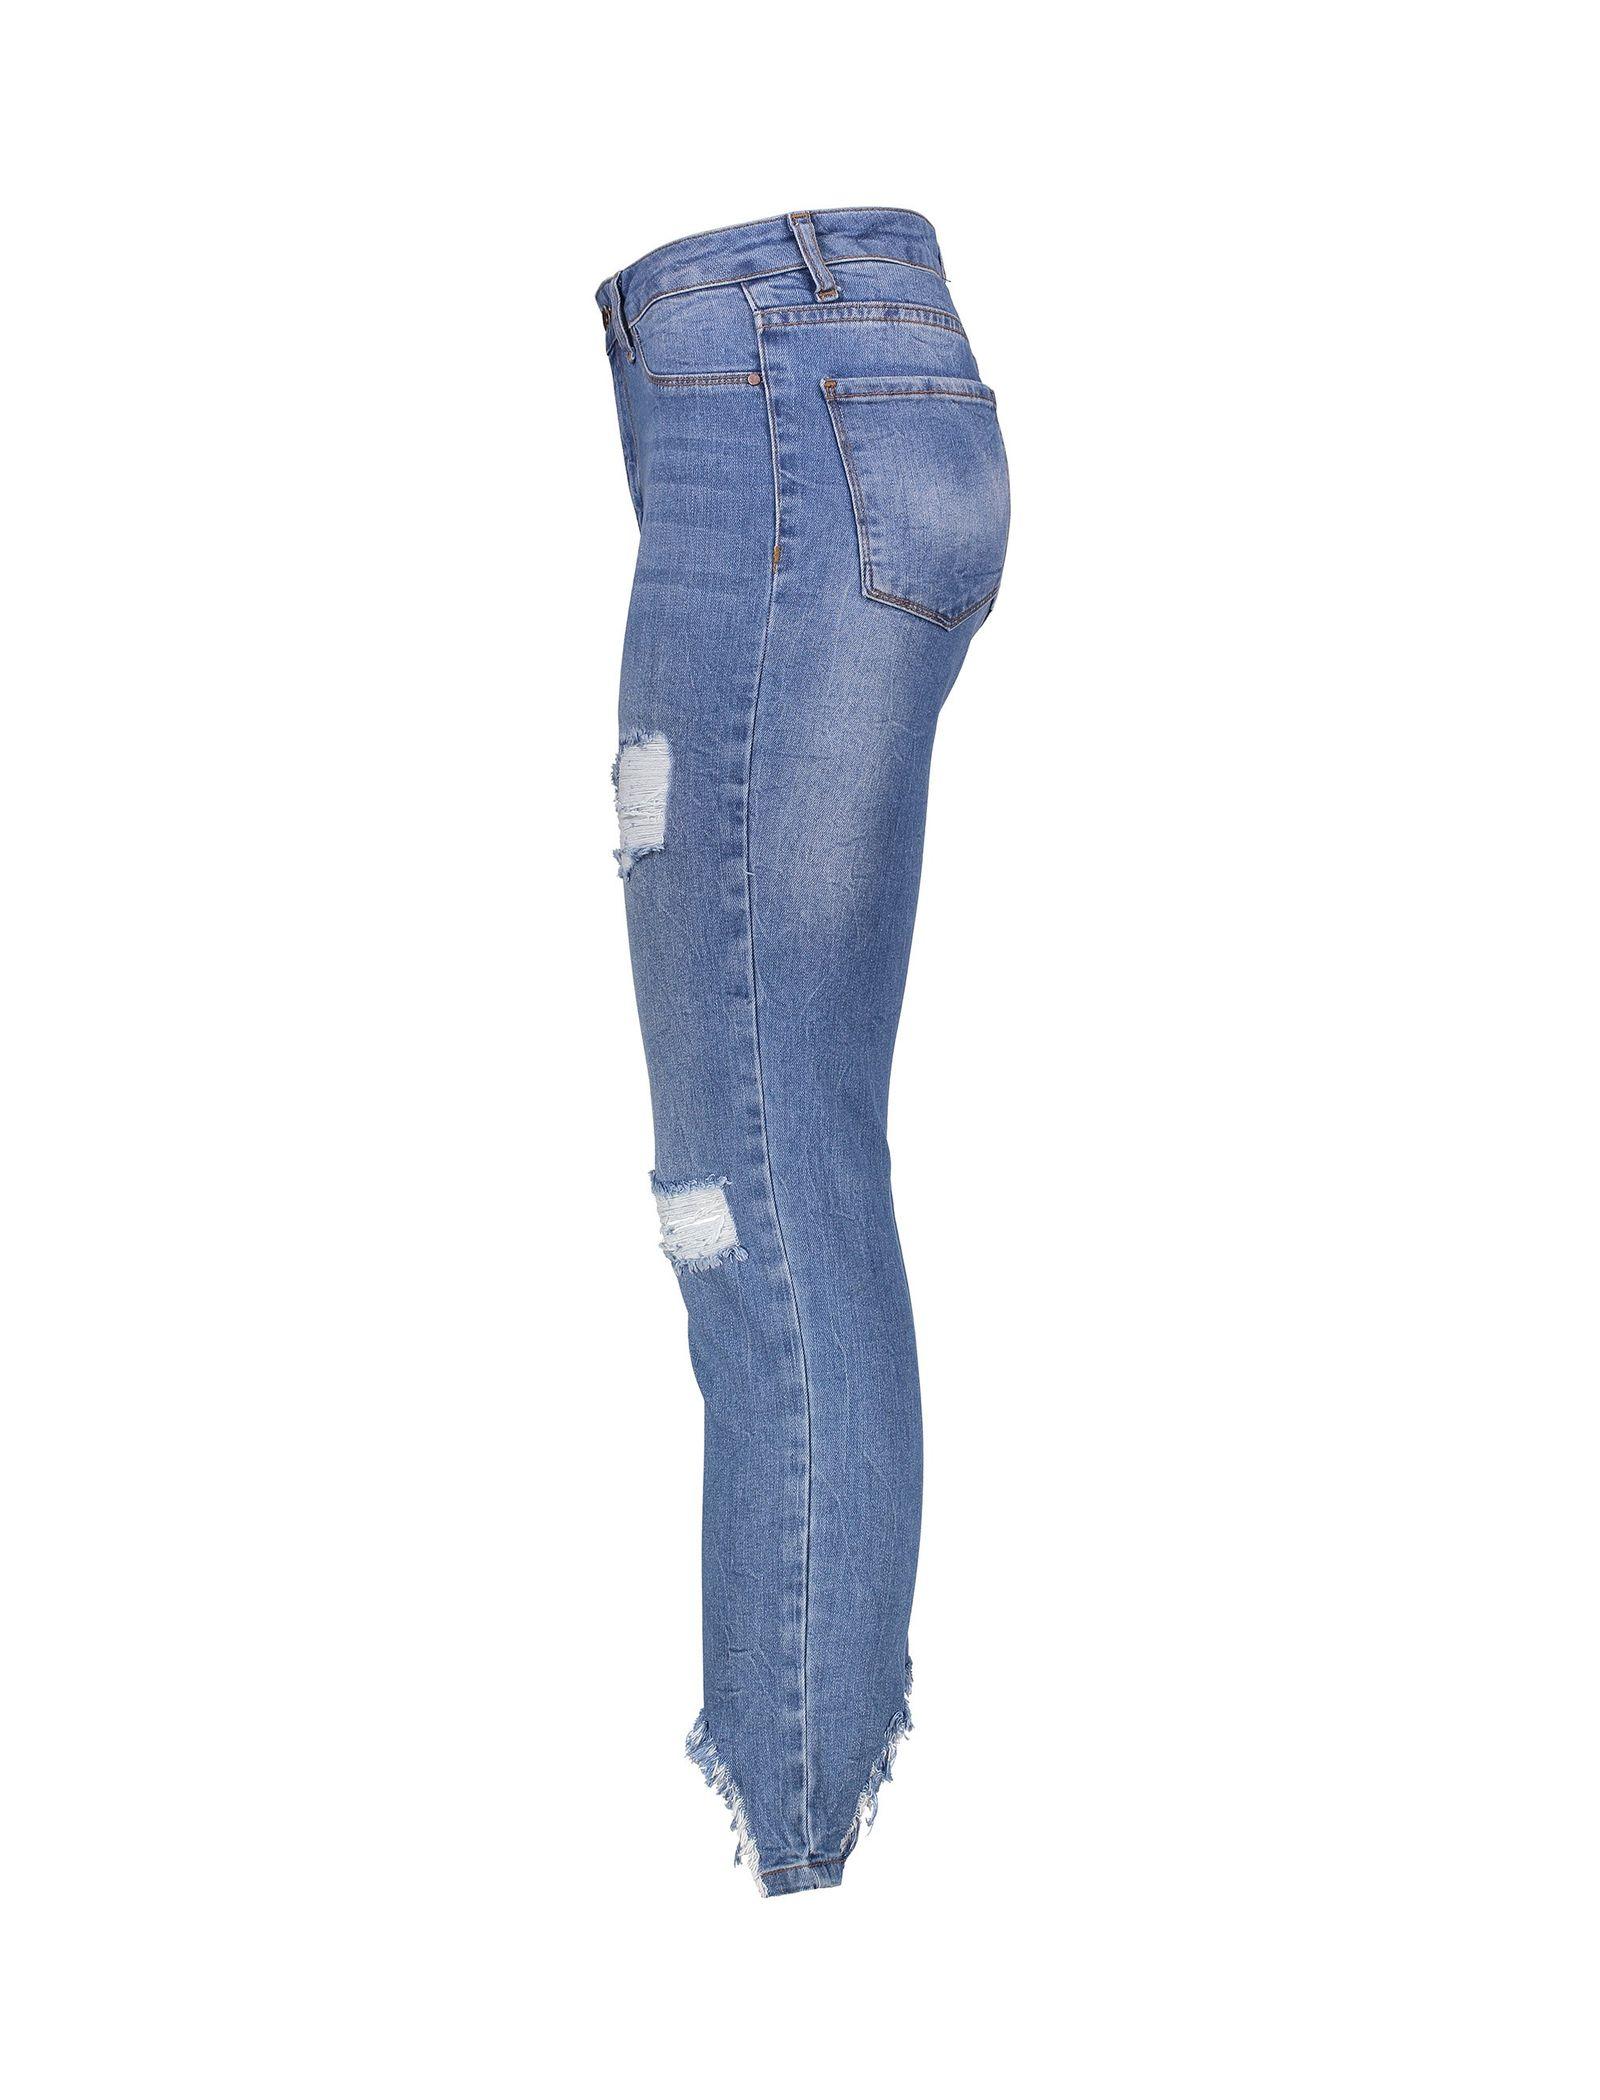 شلوار زنانه کوتون مدل 7YAK47266MD - آبی - 3